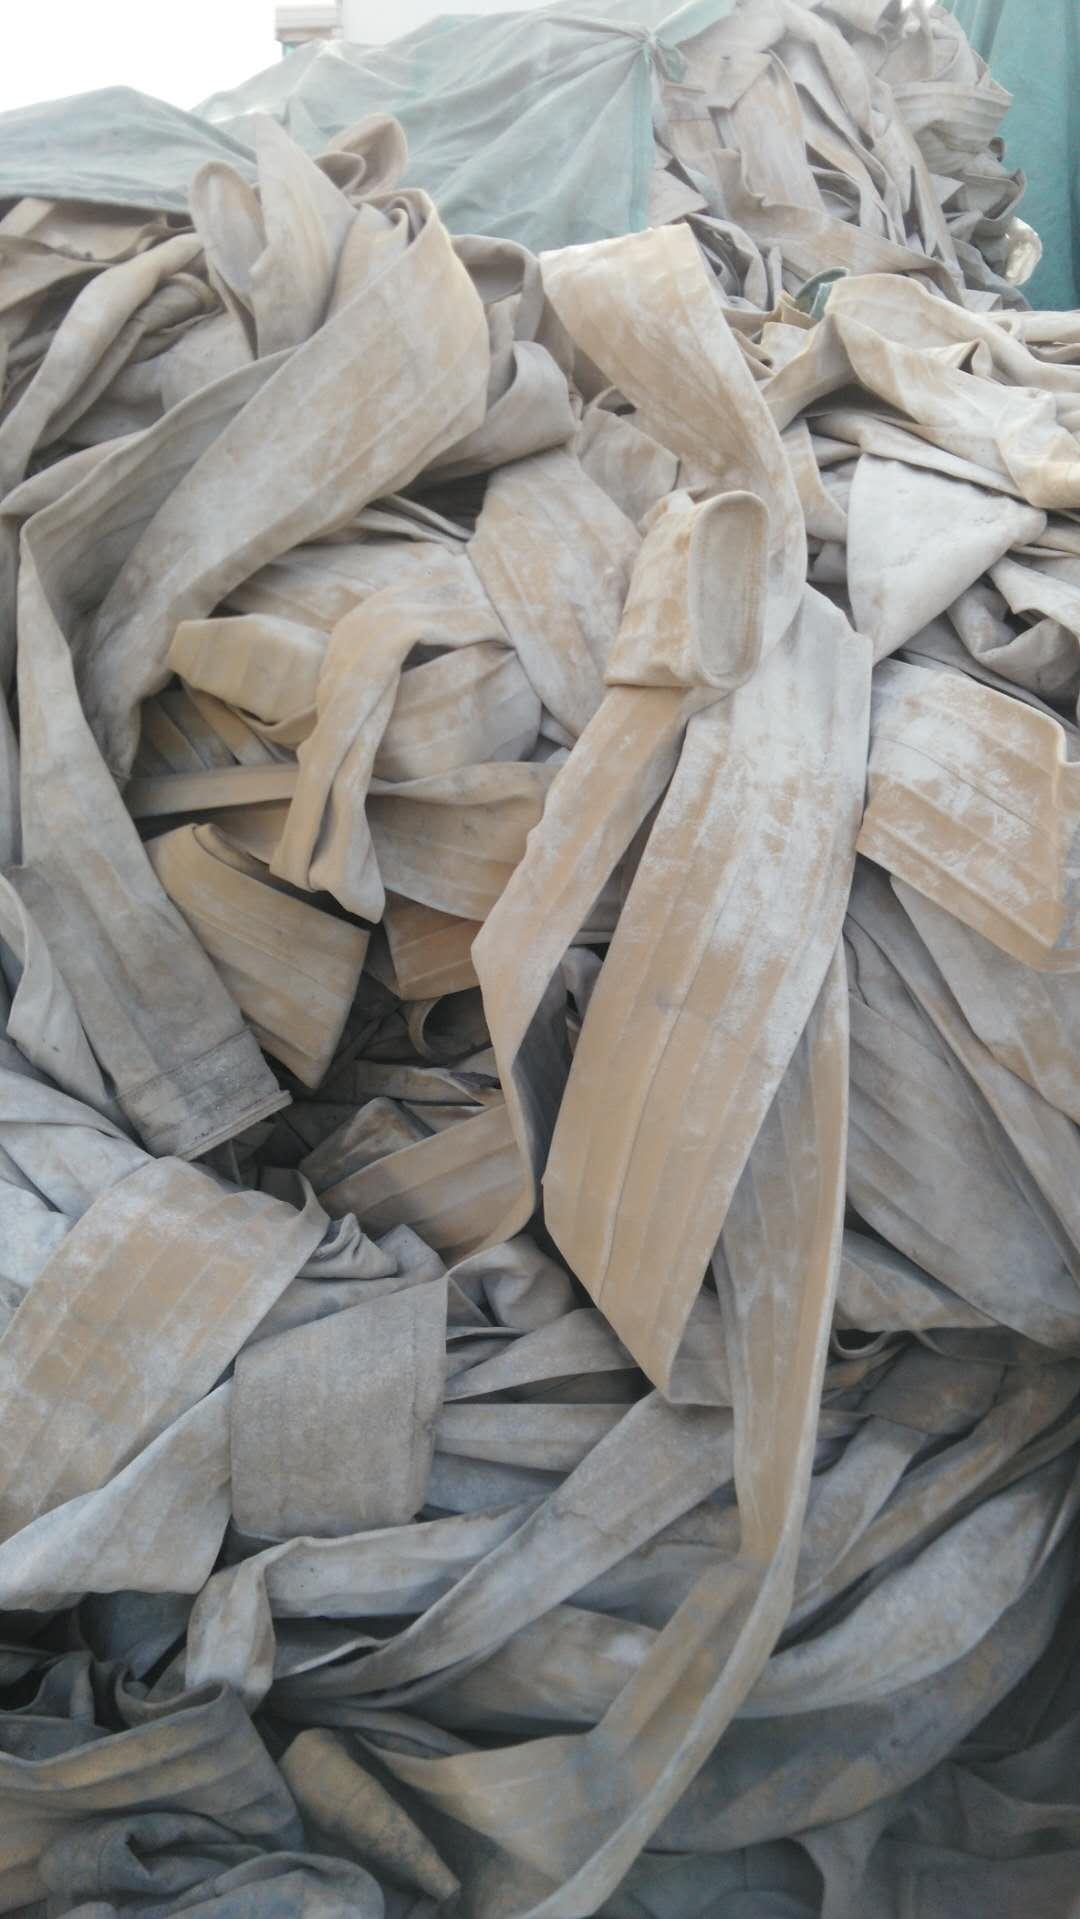 回收废旧除尘滤袋